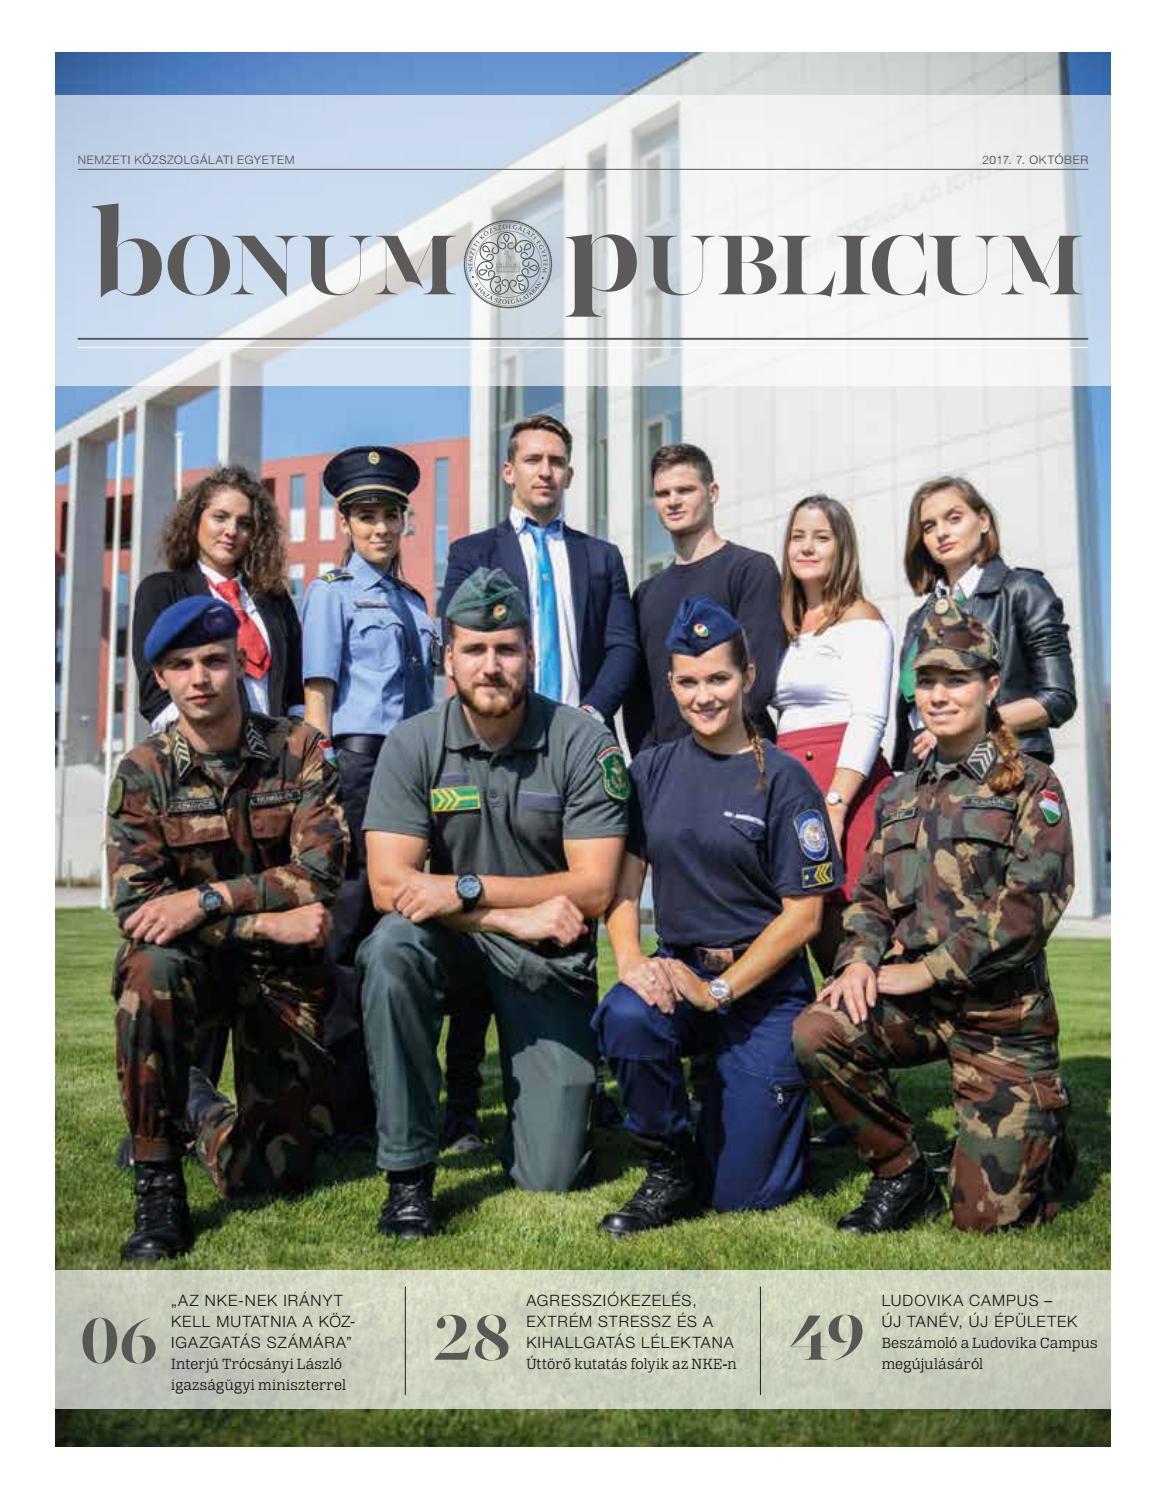 Bonum publicum 2017 oktober by Bonum Publicum - issuu 6f3e2fdad0